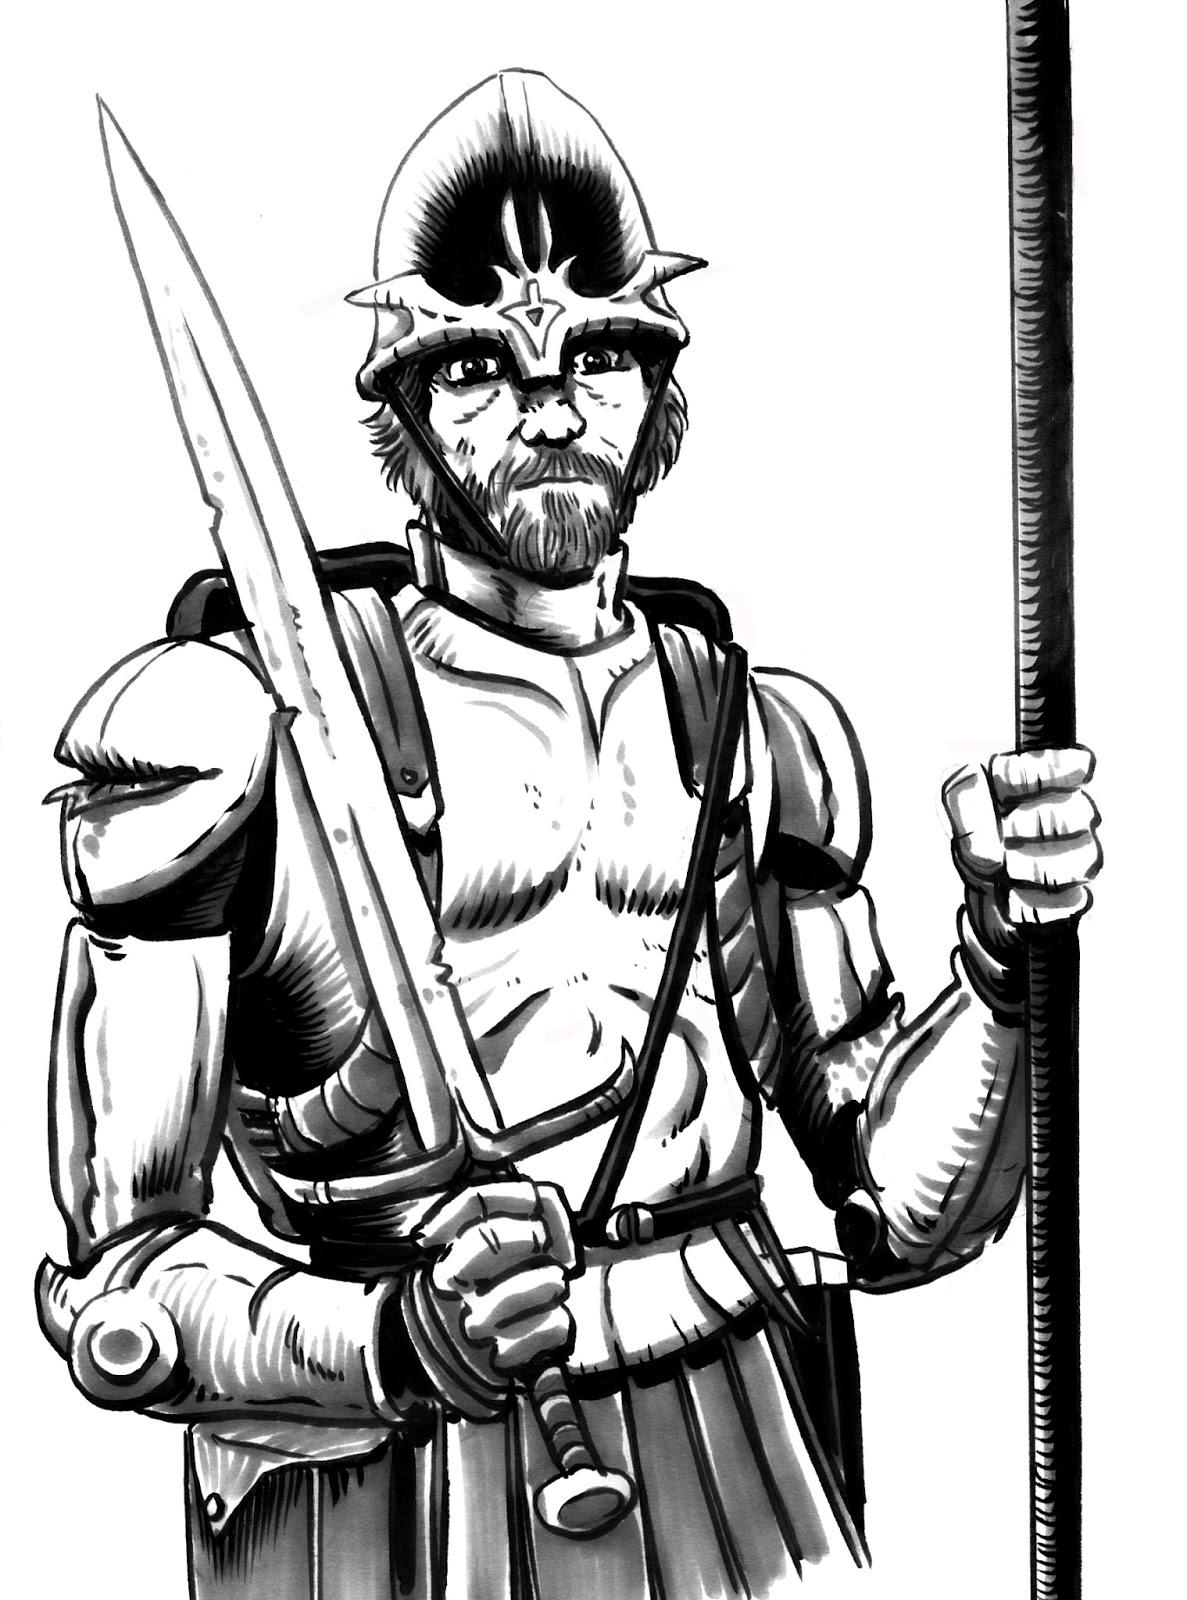 The Dungeon Dozen: Knights Gone Rogue in the Underworld